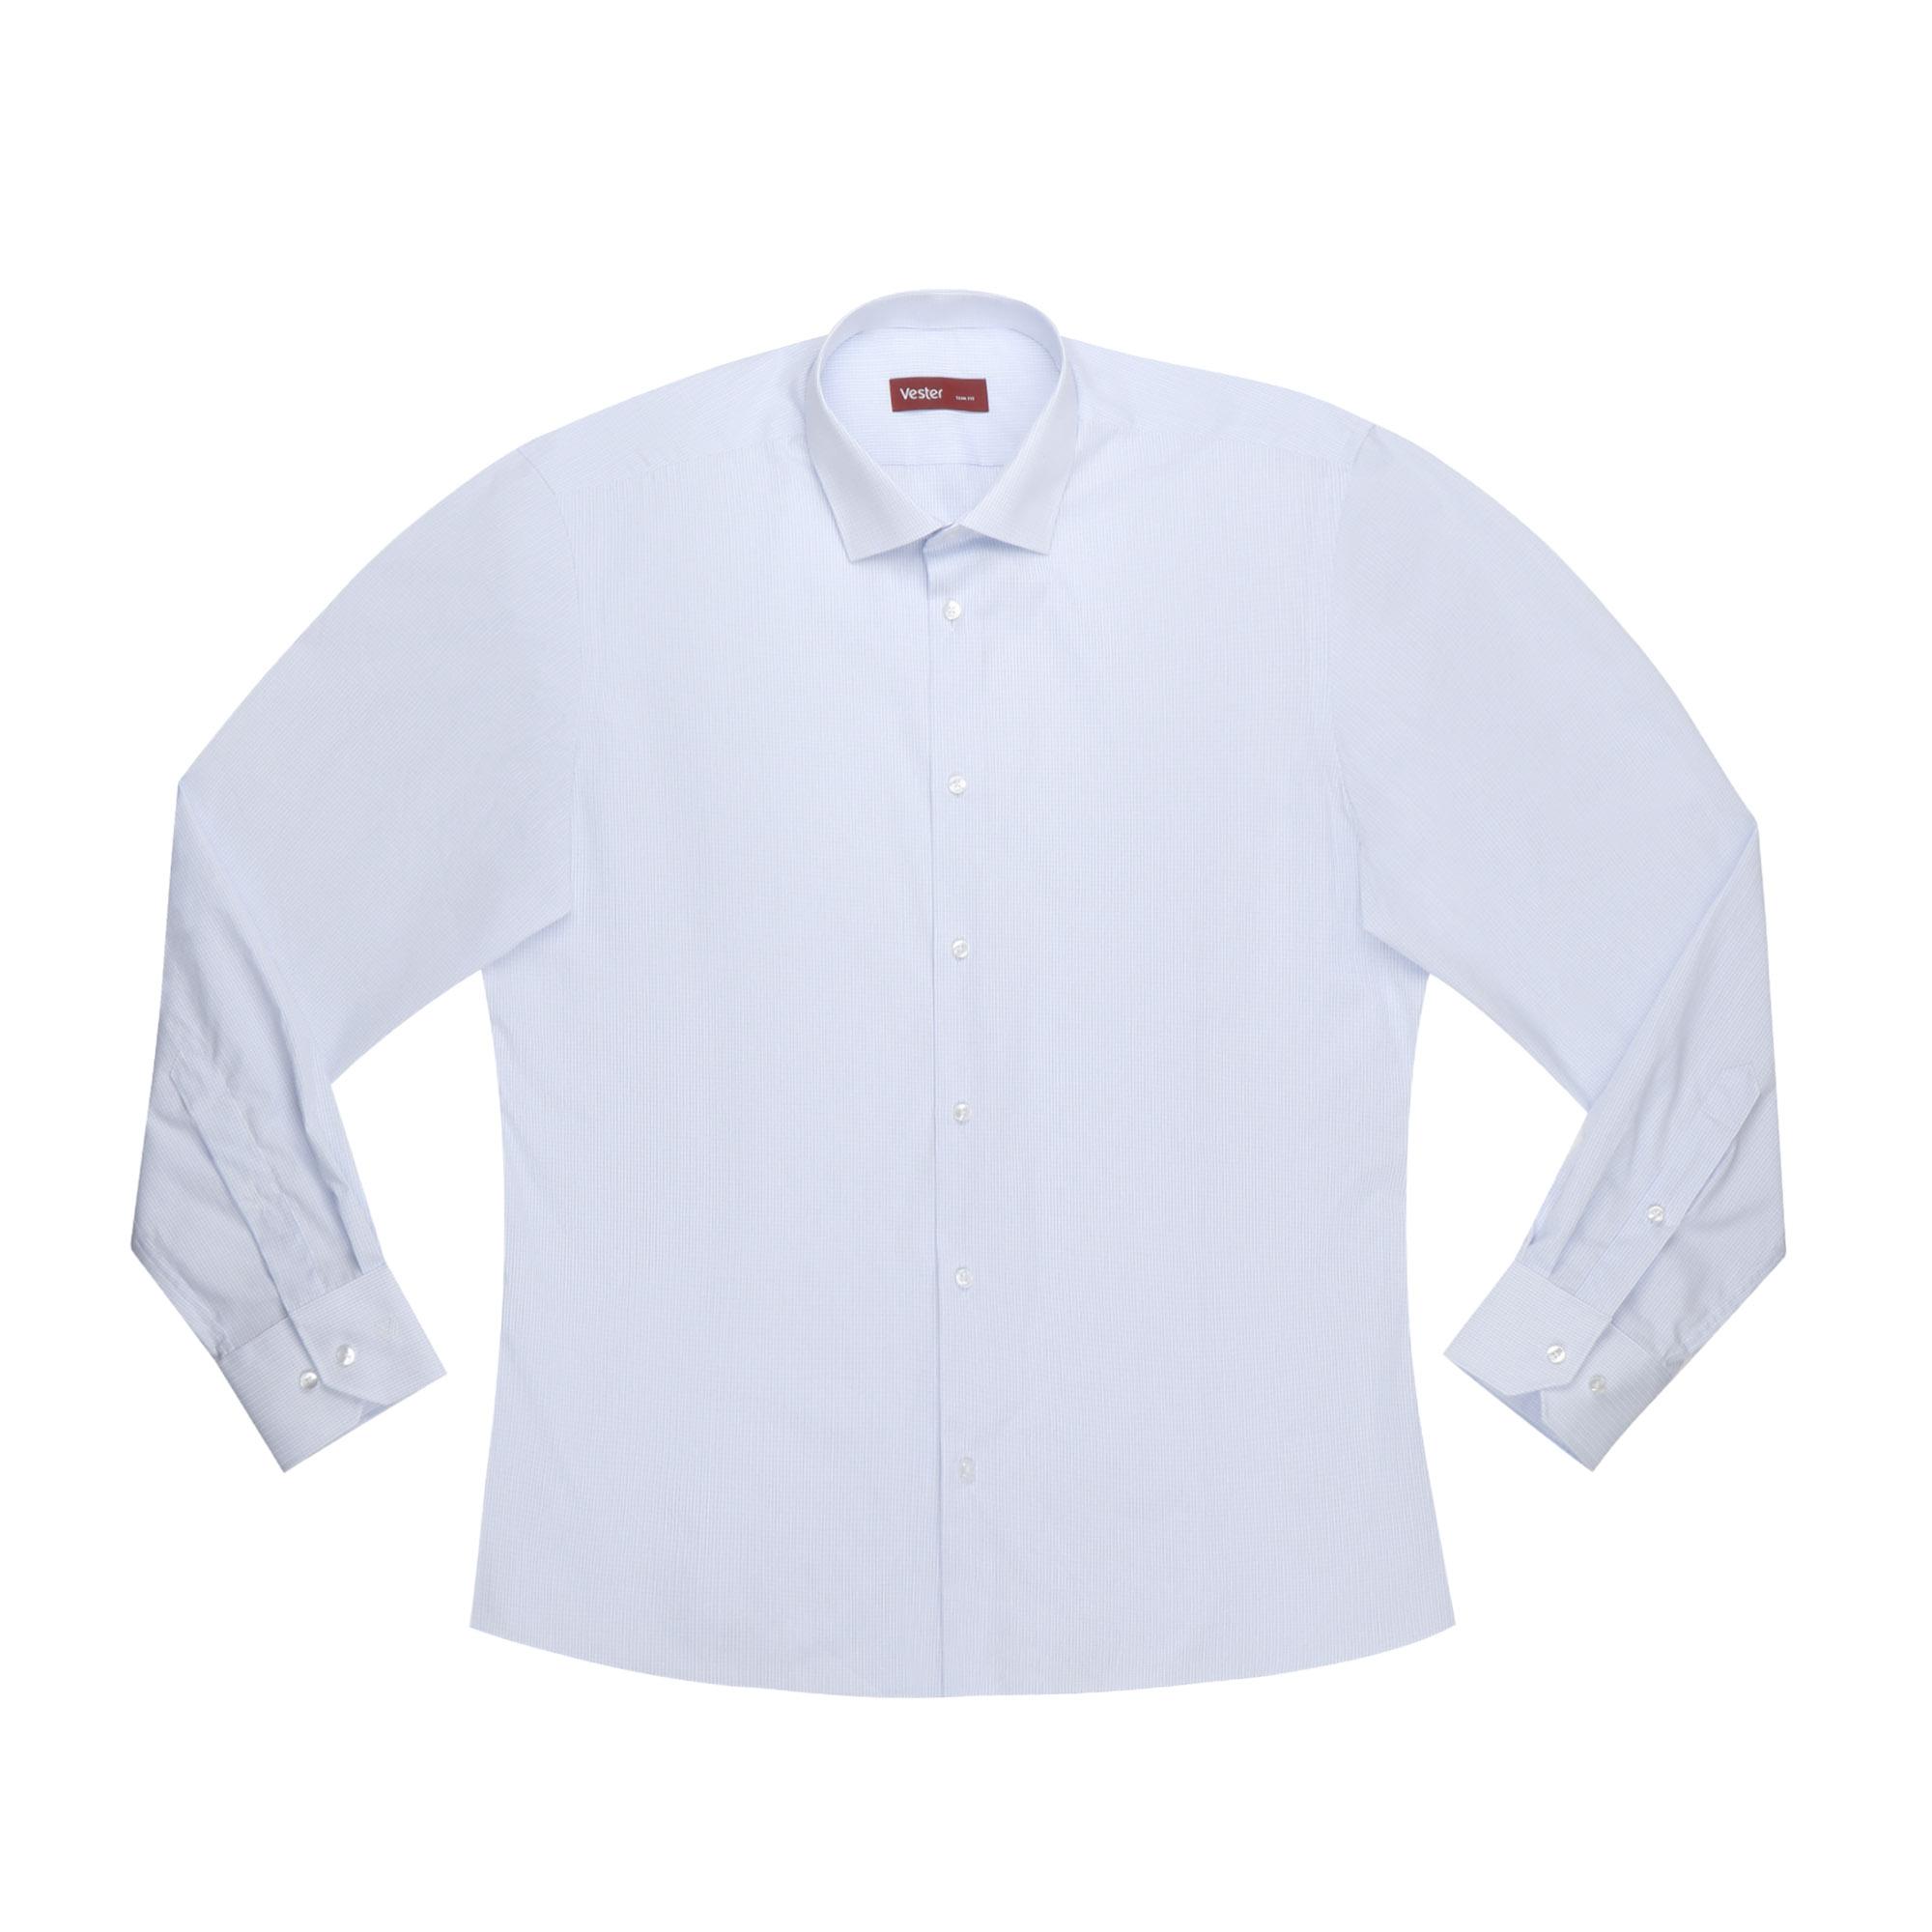 Сорочка мужская Vester 68814 45C 182-188 сорочка мужская vester 43с 182 188 небесно голубая